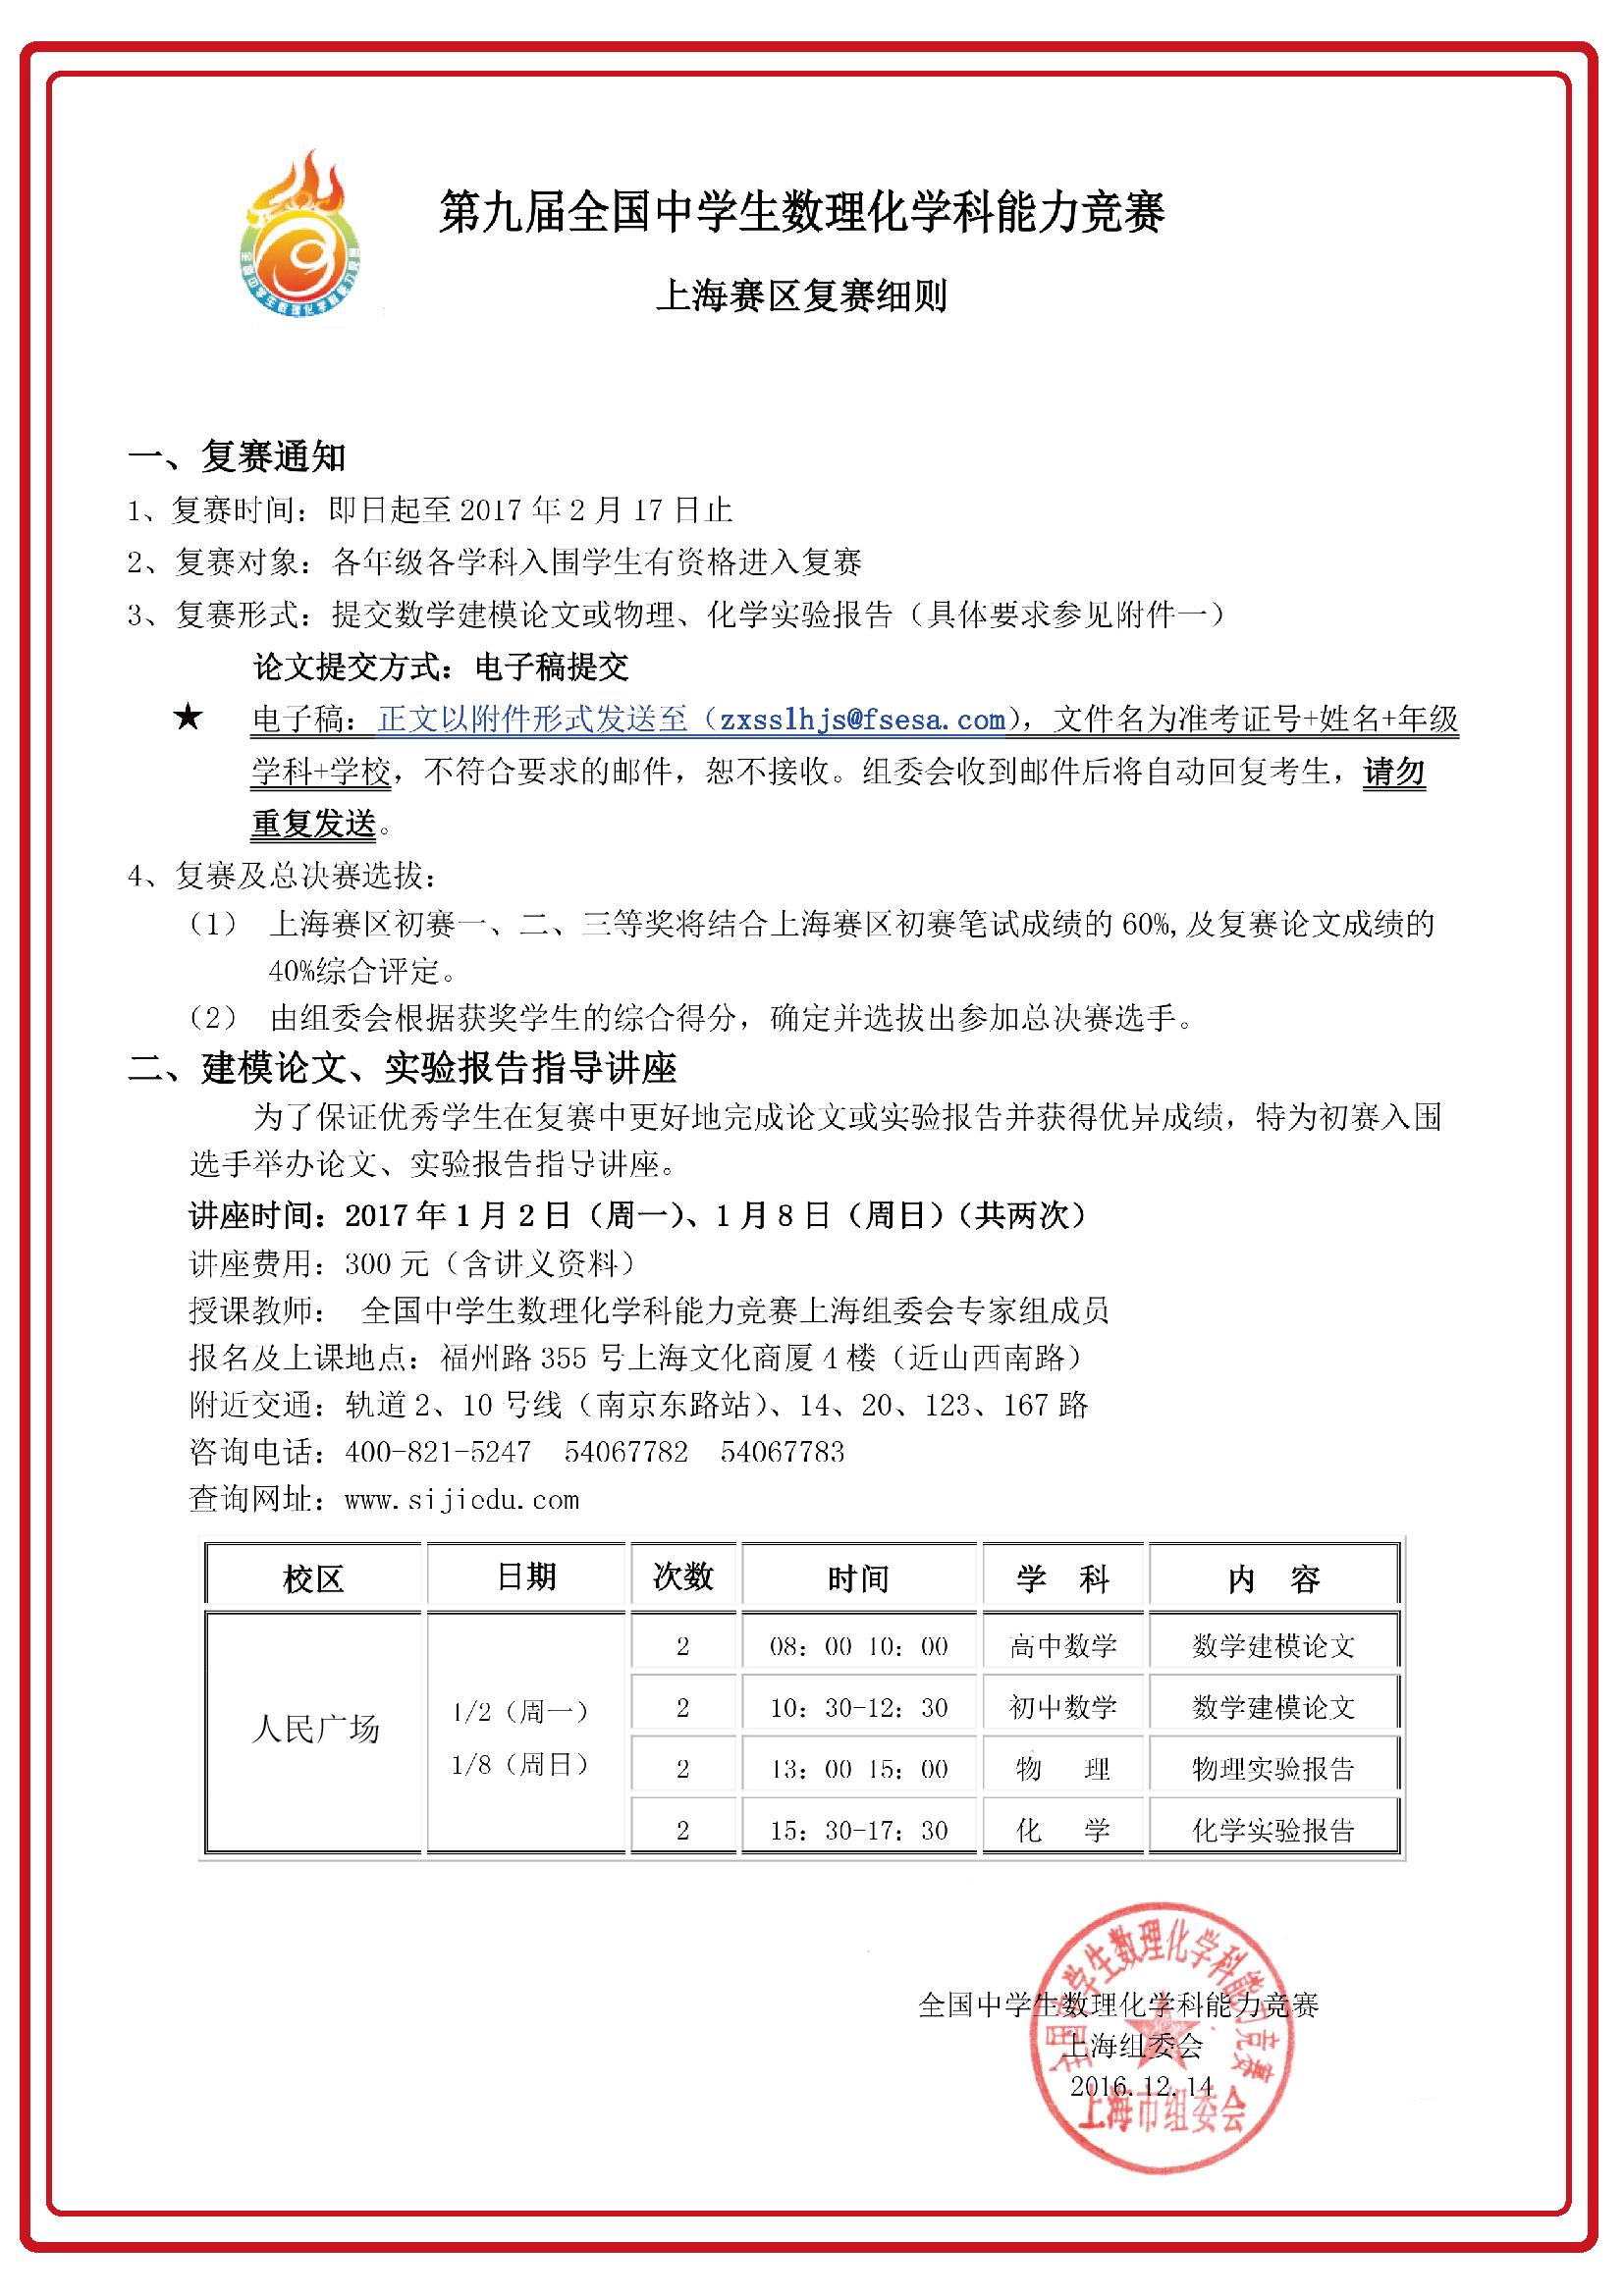 2016第九届全国中学生数理化大赛上海赛区复赛时间及形式公布